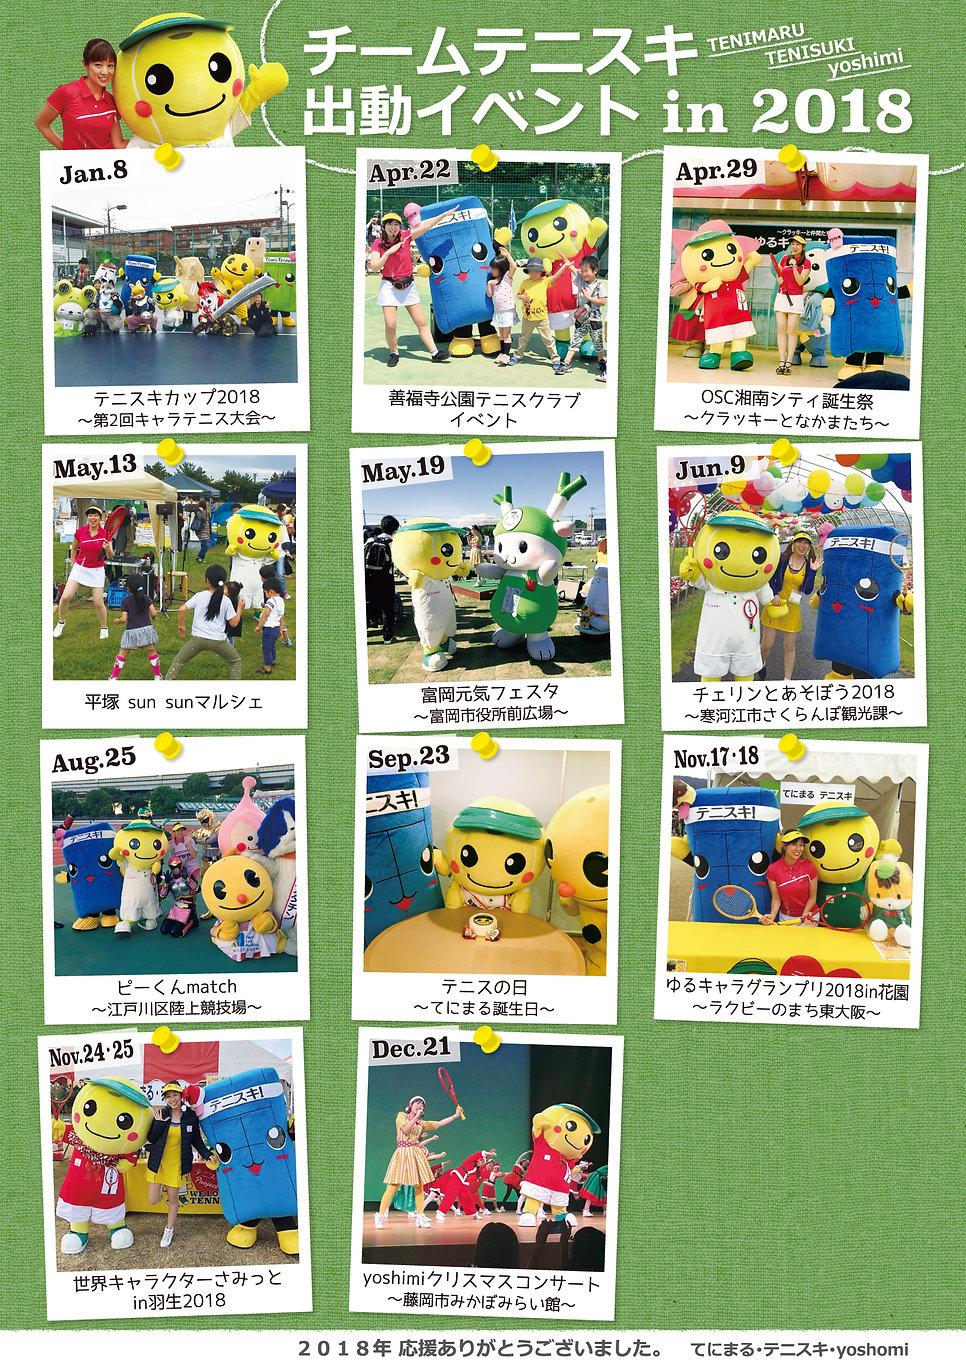 19.1てにまる出動イベント.jpg